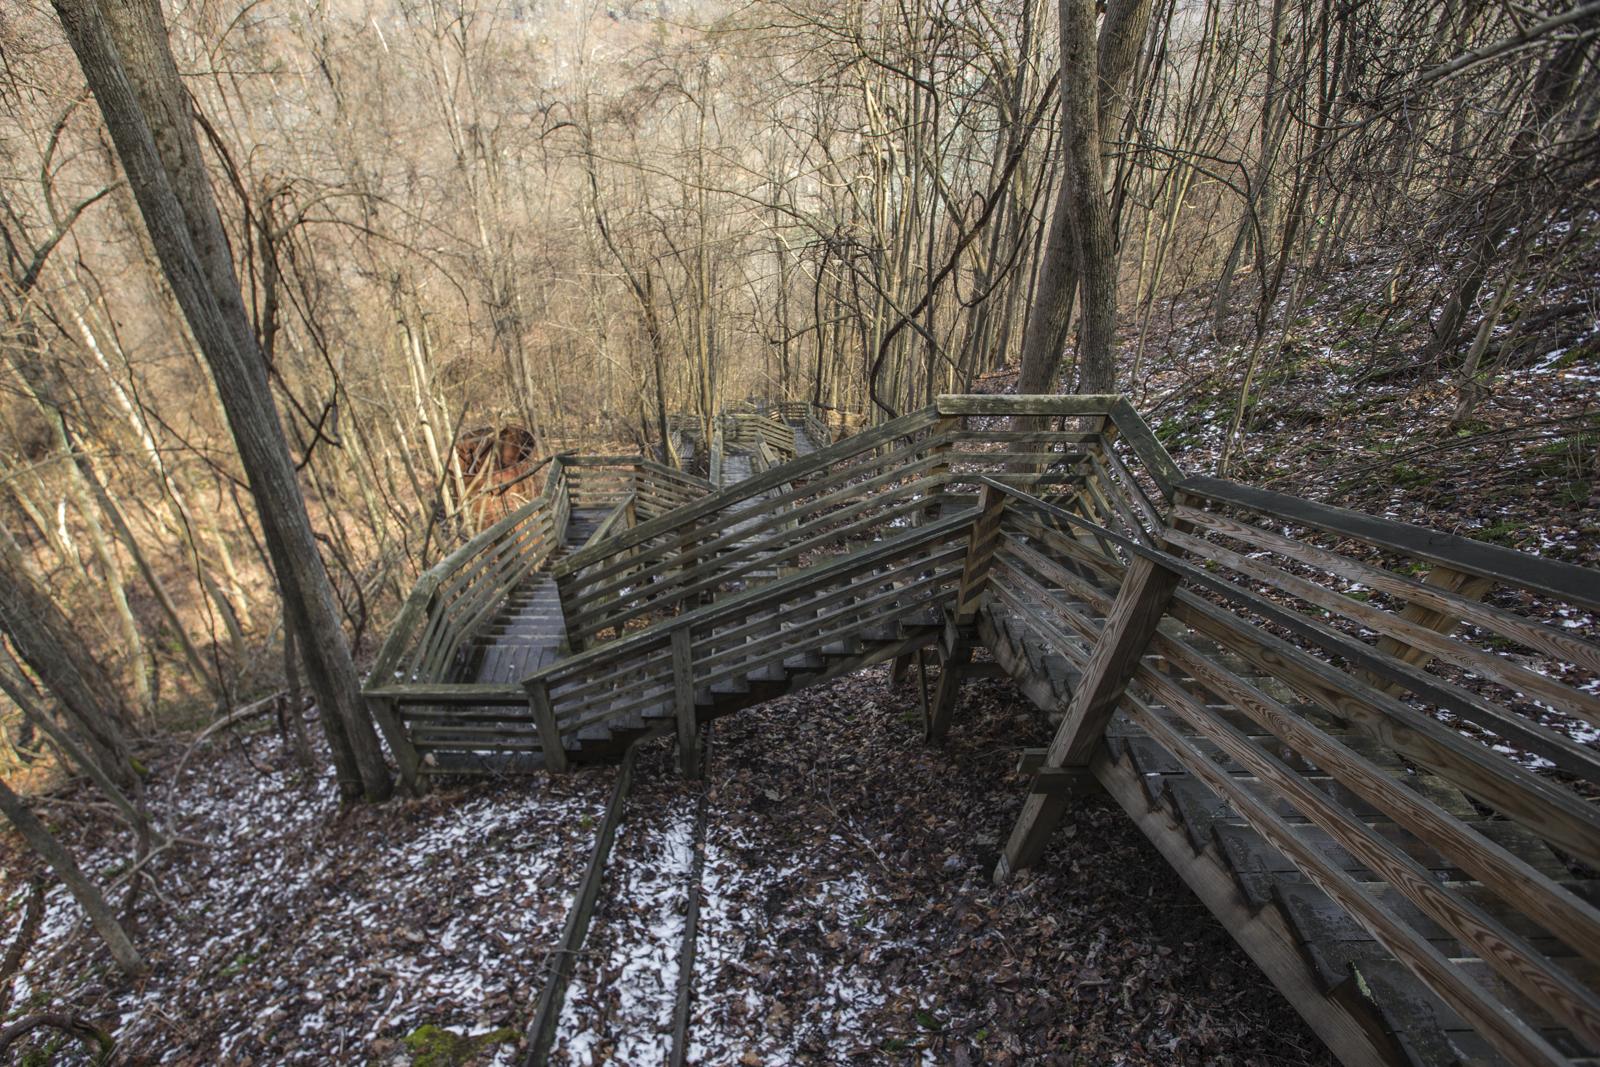 kaymoor-bottom-steps-descending1.jpg